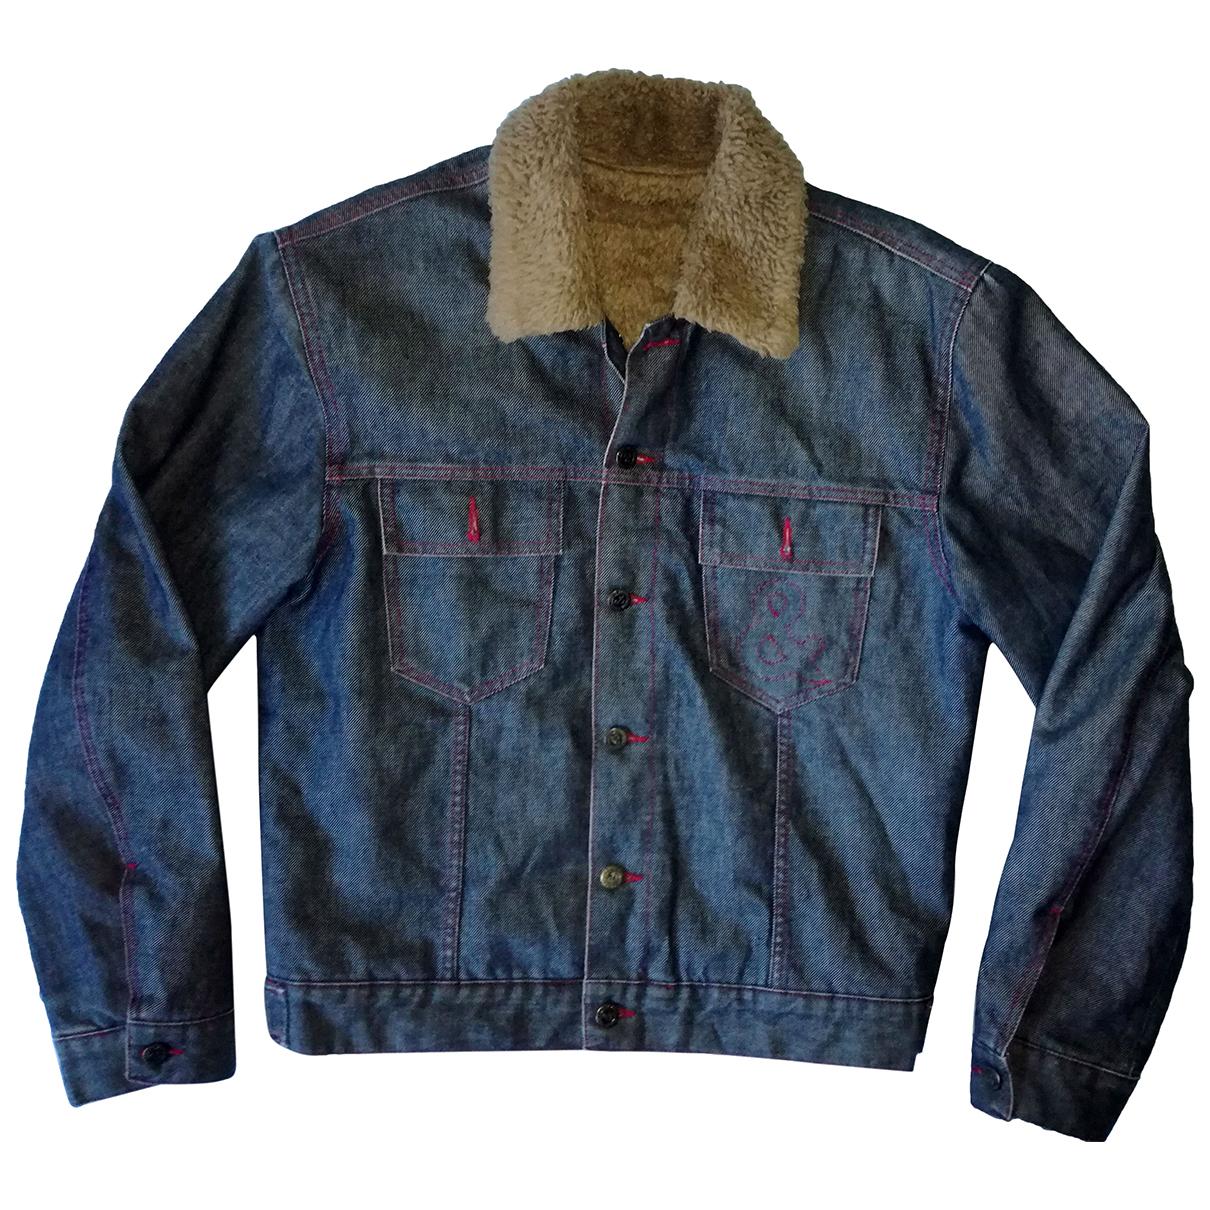 Dolce & Gabbana - Vestes.Blousons   pour homme en denim - bleu